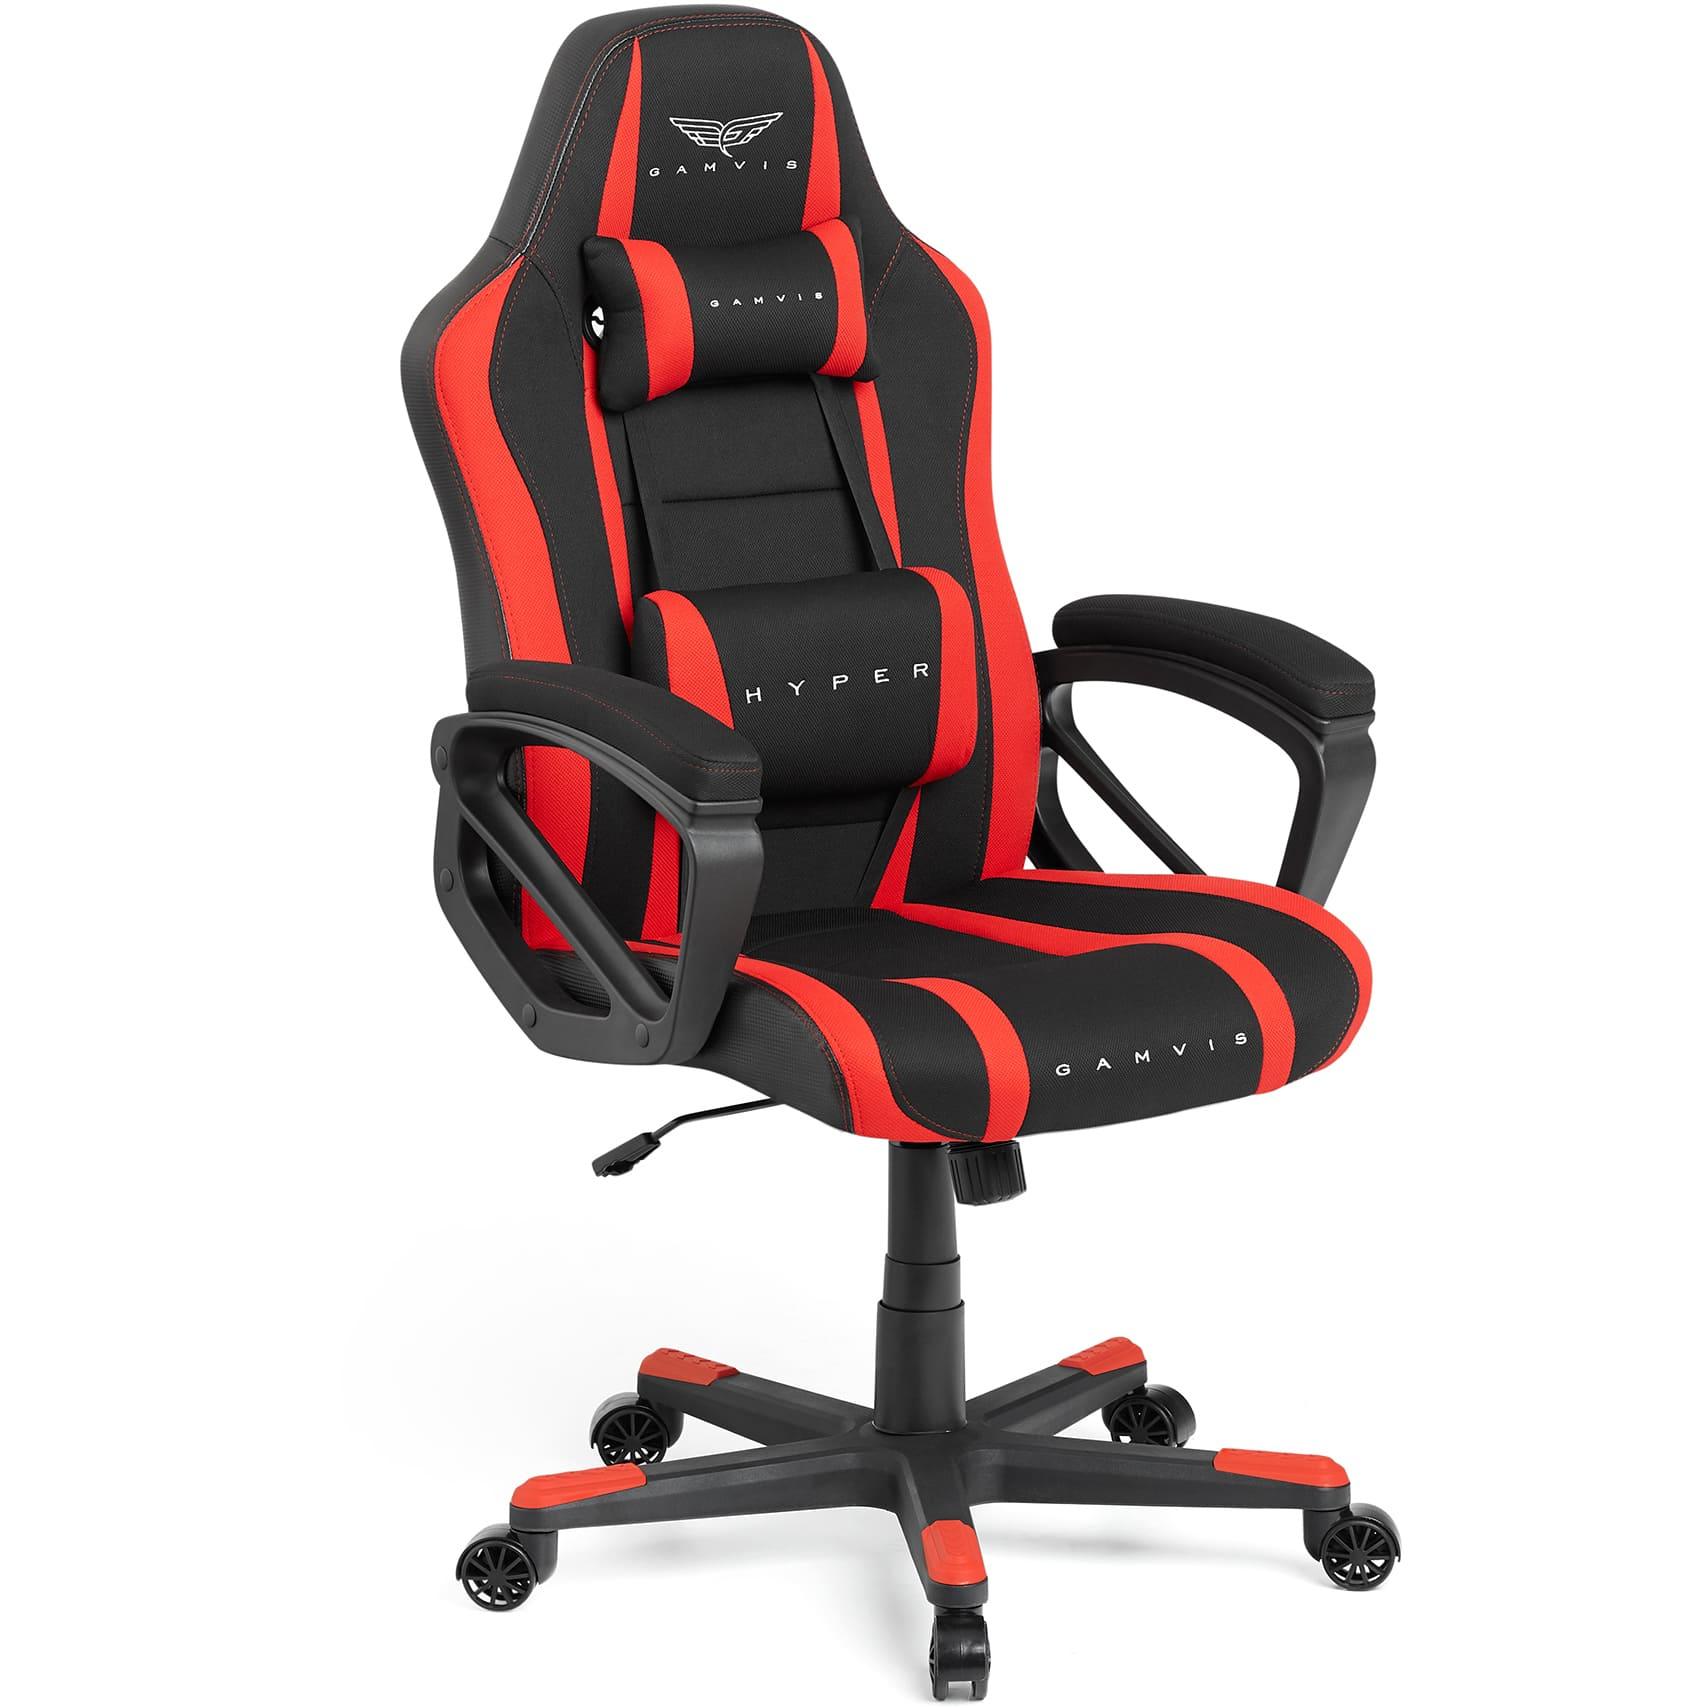 Materiałowy Fotel gamingowy Gamvis Hyper Czerwony 1